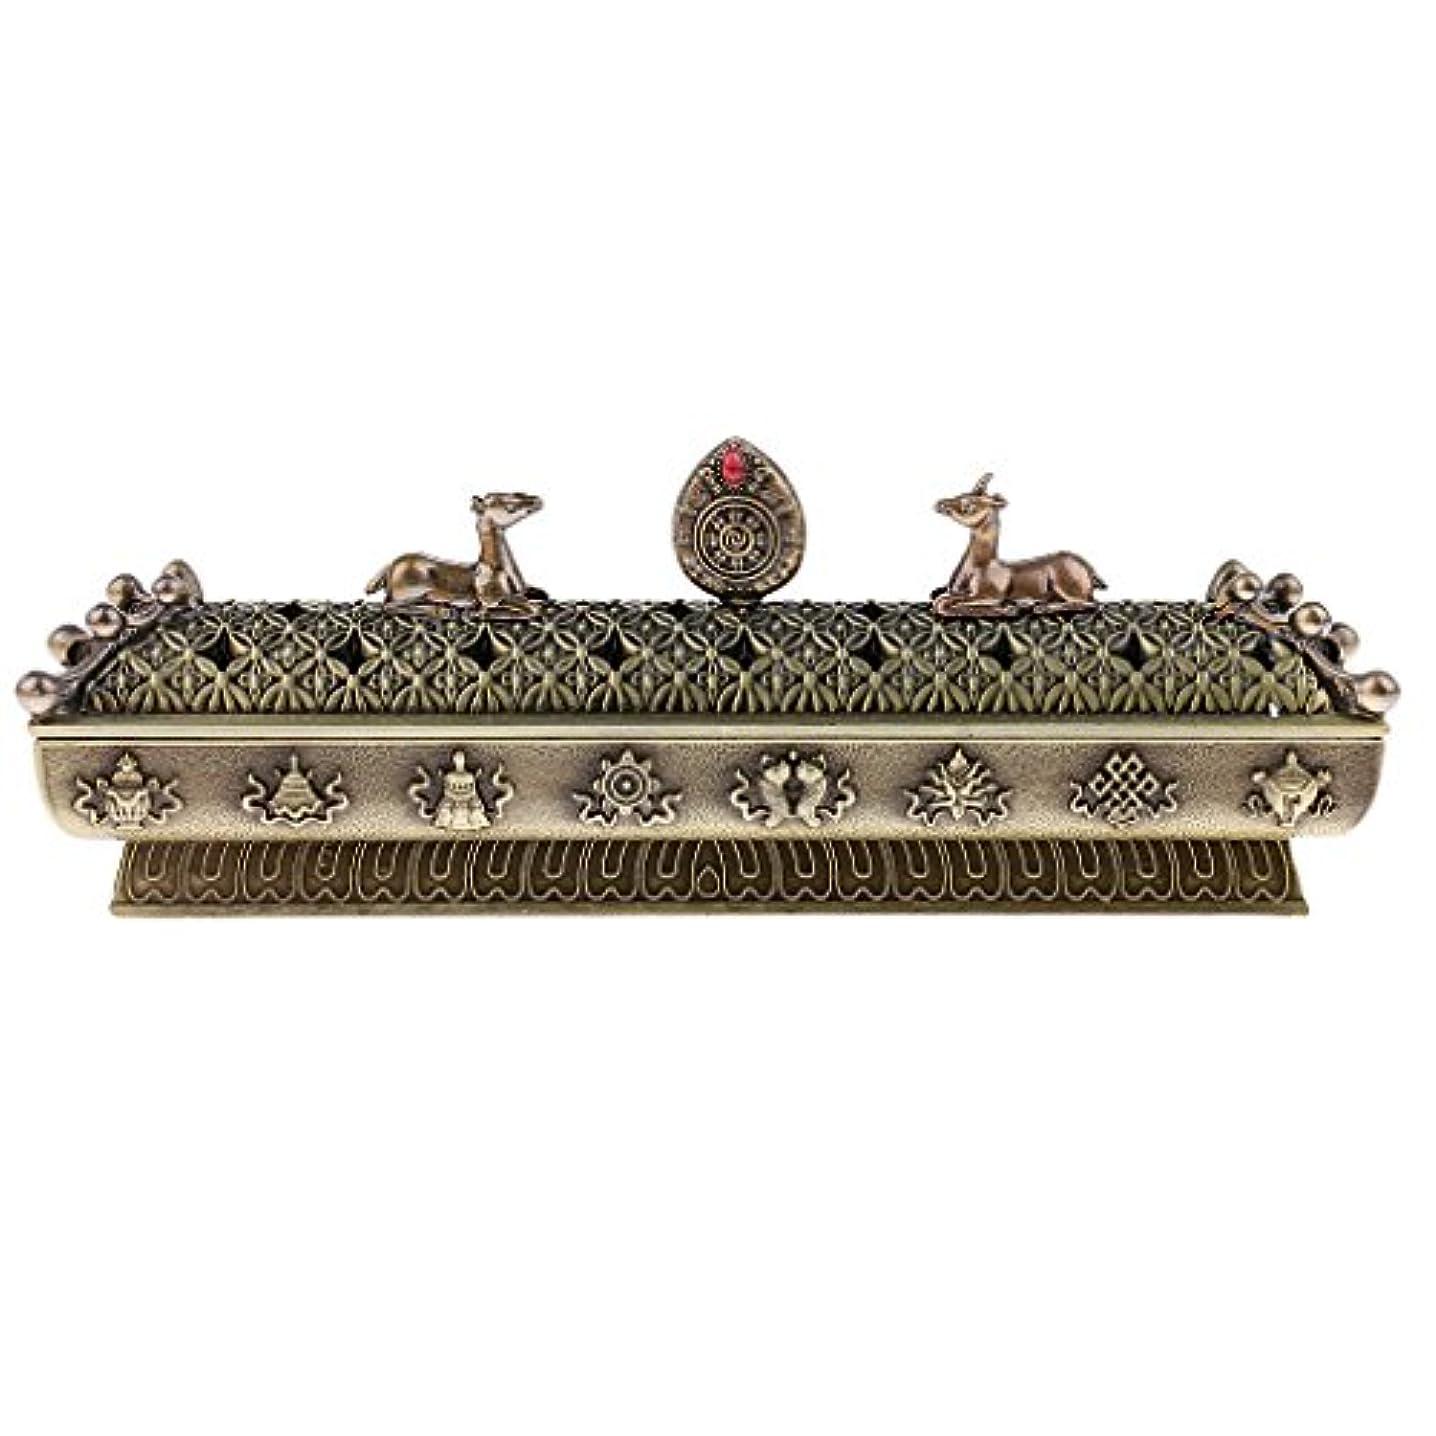 相関するポルトガル語チューブFenteer 仏教 香炉 バーナー コーンホルダー ボックス ホーム オフィス テーブル 全3色  - ブロンズ